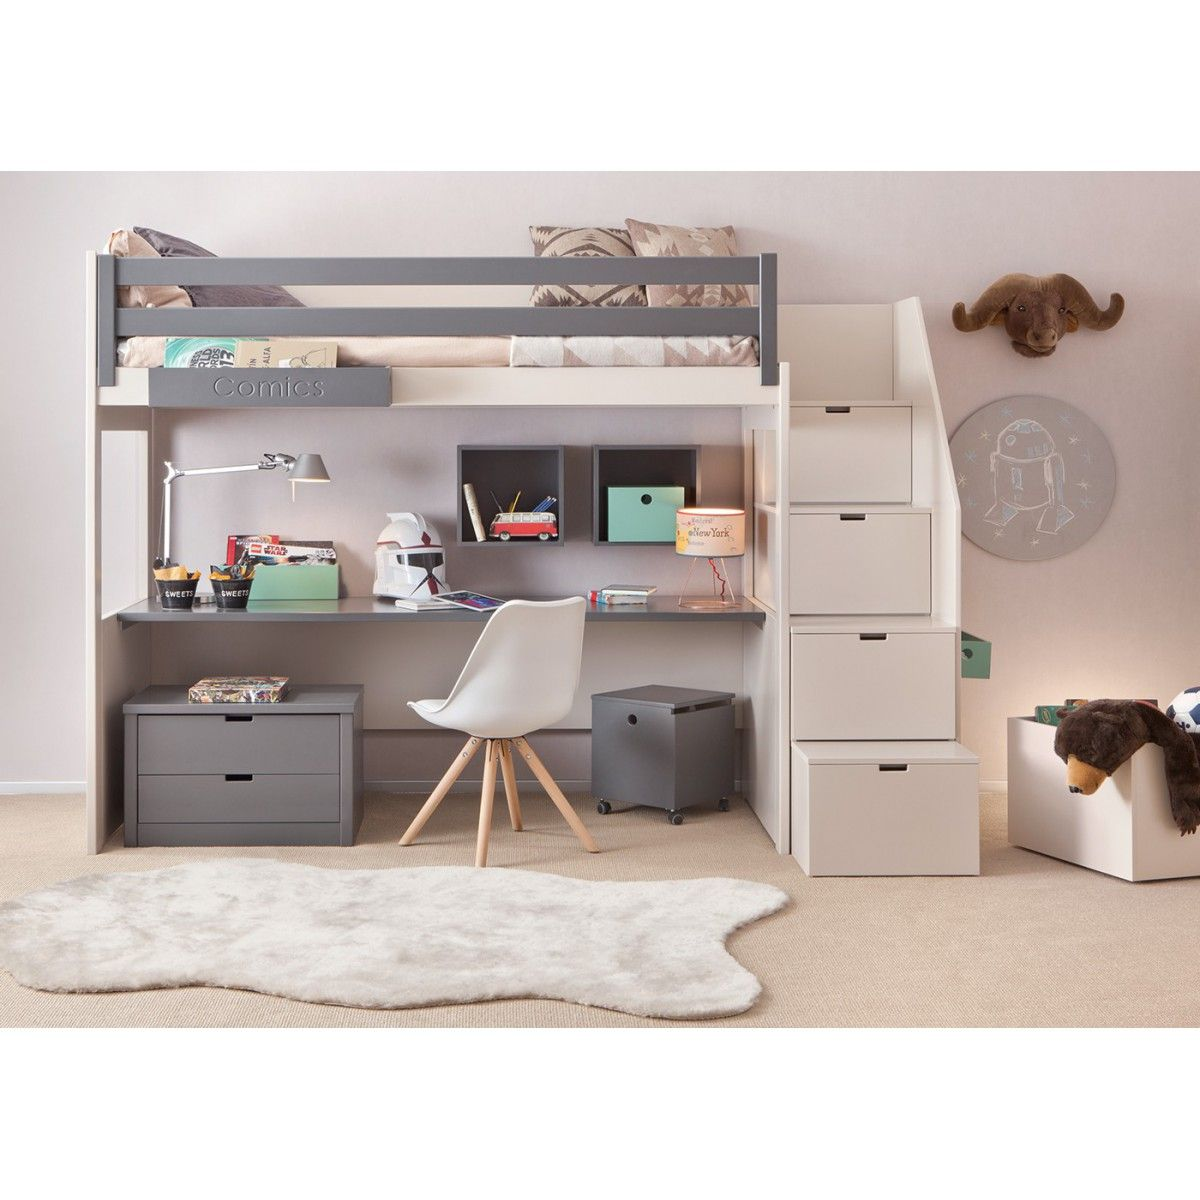 chambre complete pour enfants ados avec lit mezzanine bureau et rangements asoral en 2019. Black Bedroom Furniture Sets. Home Design Ideas